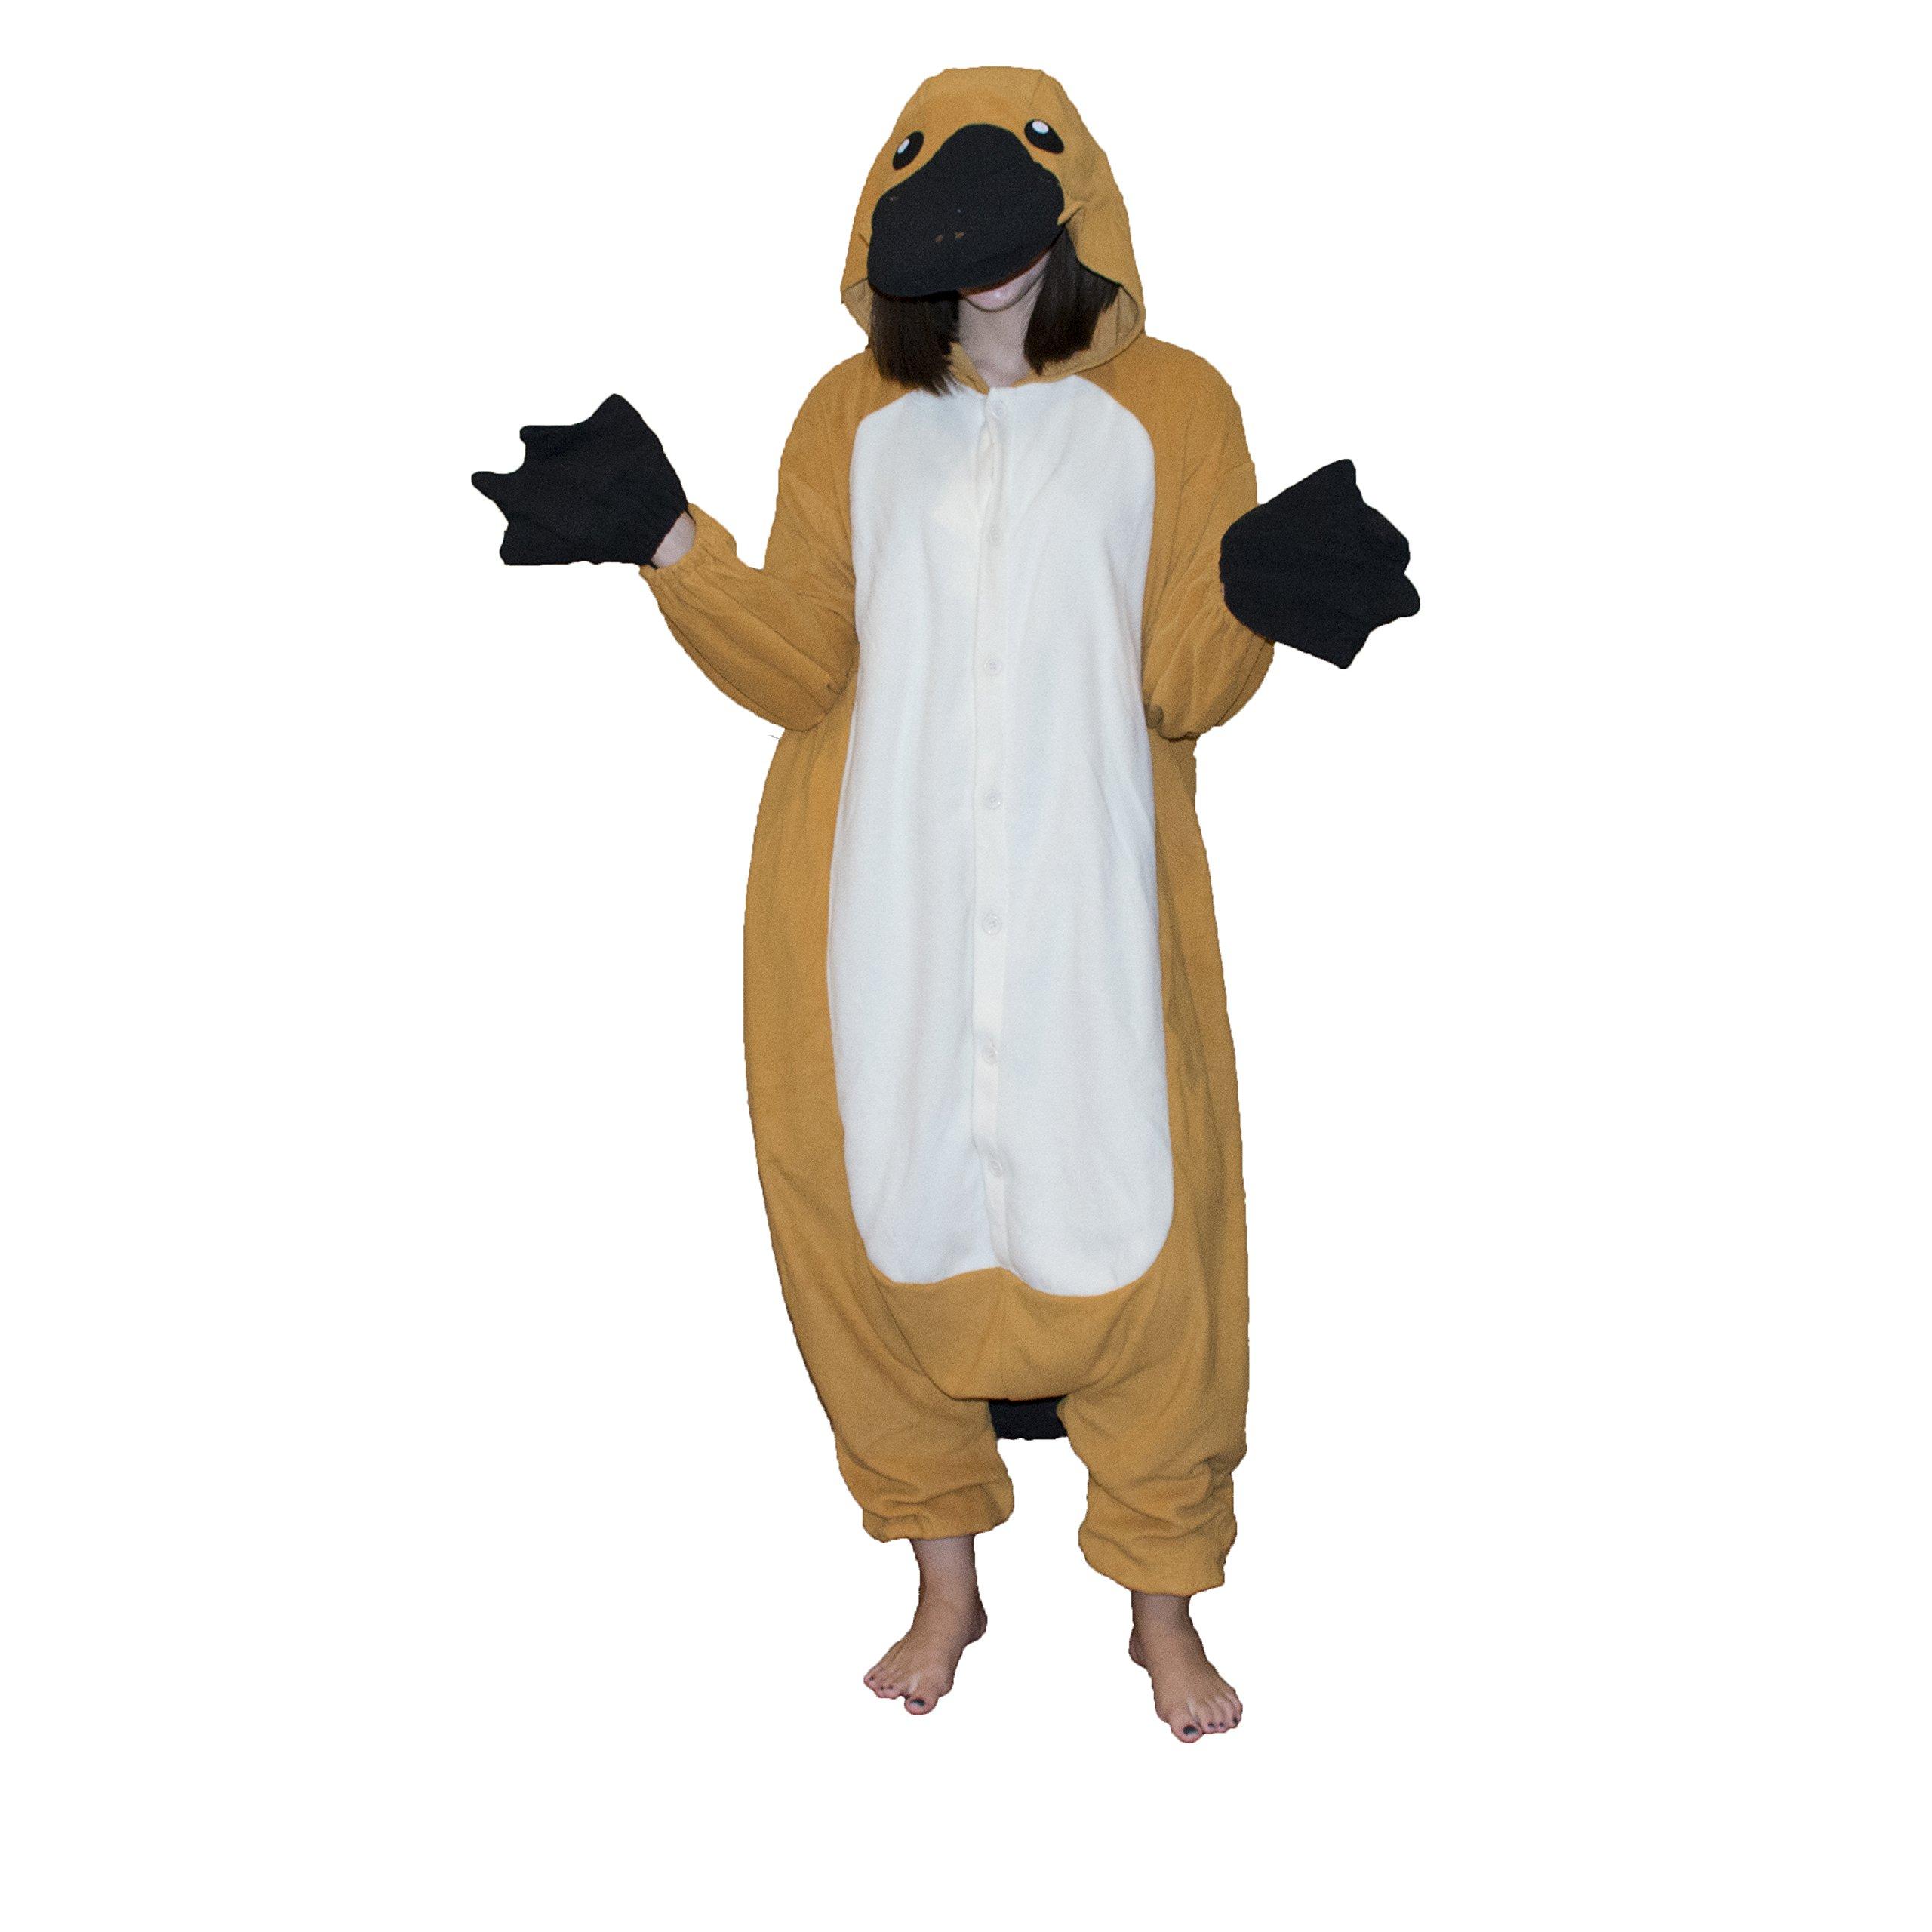 SAZAC Platypus Kigurumi - Adult Costume